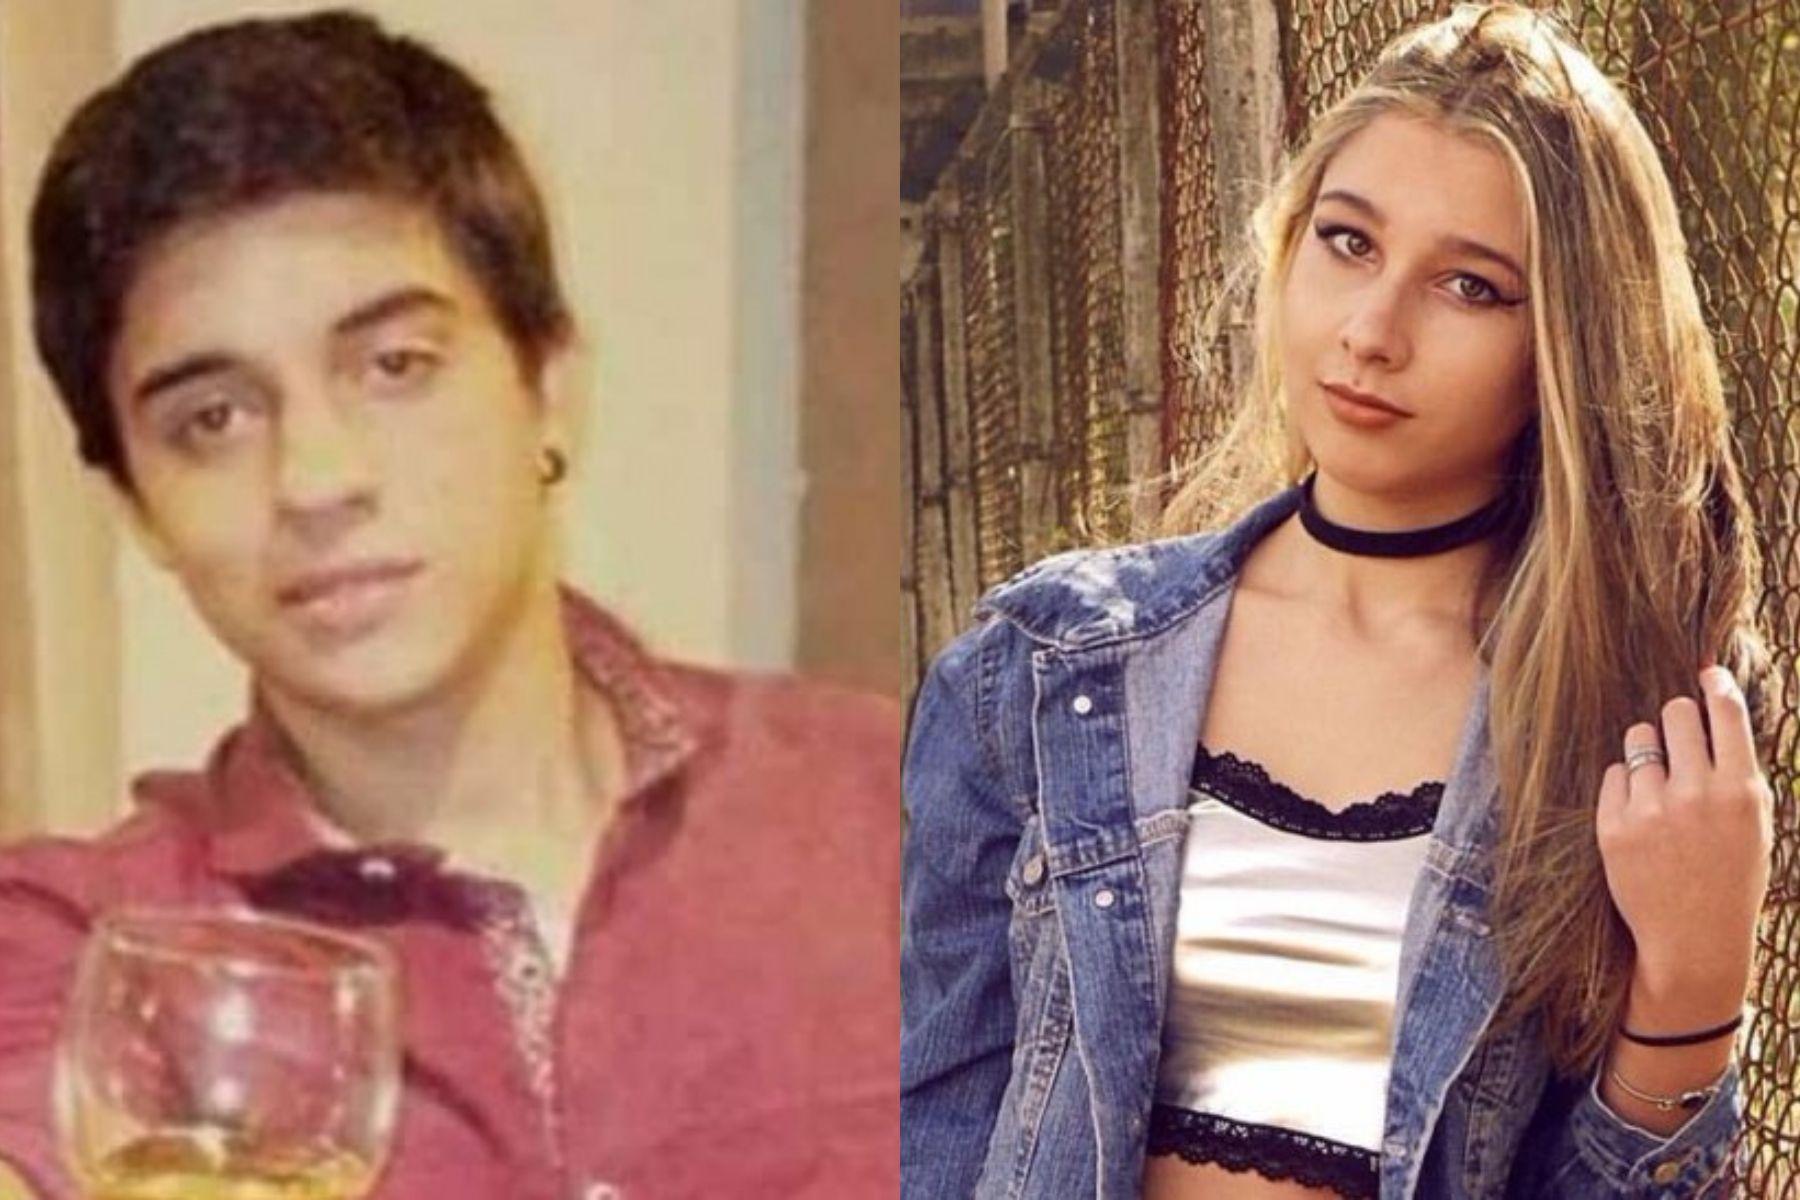 Amigos del joven asesinado por la novia: Nahir siempre era agresiva con él